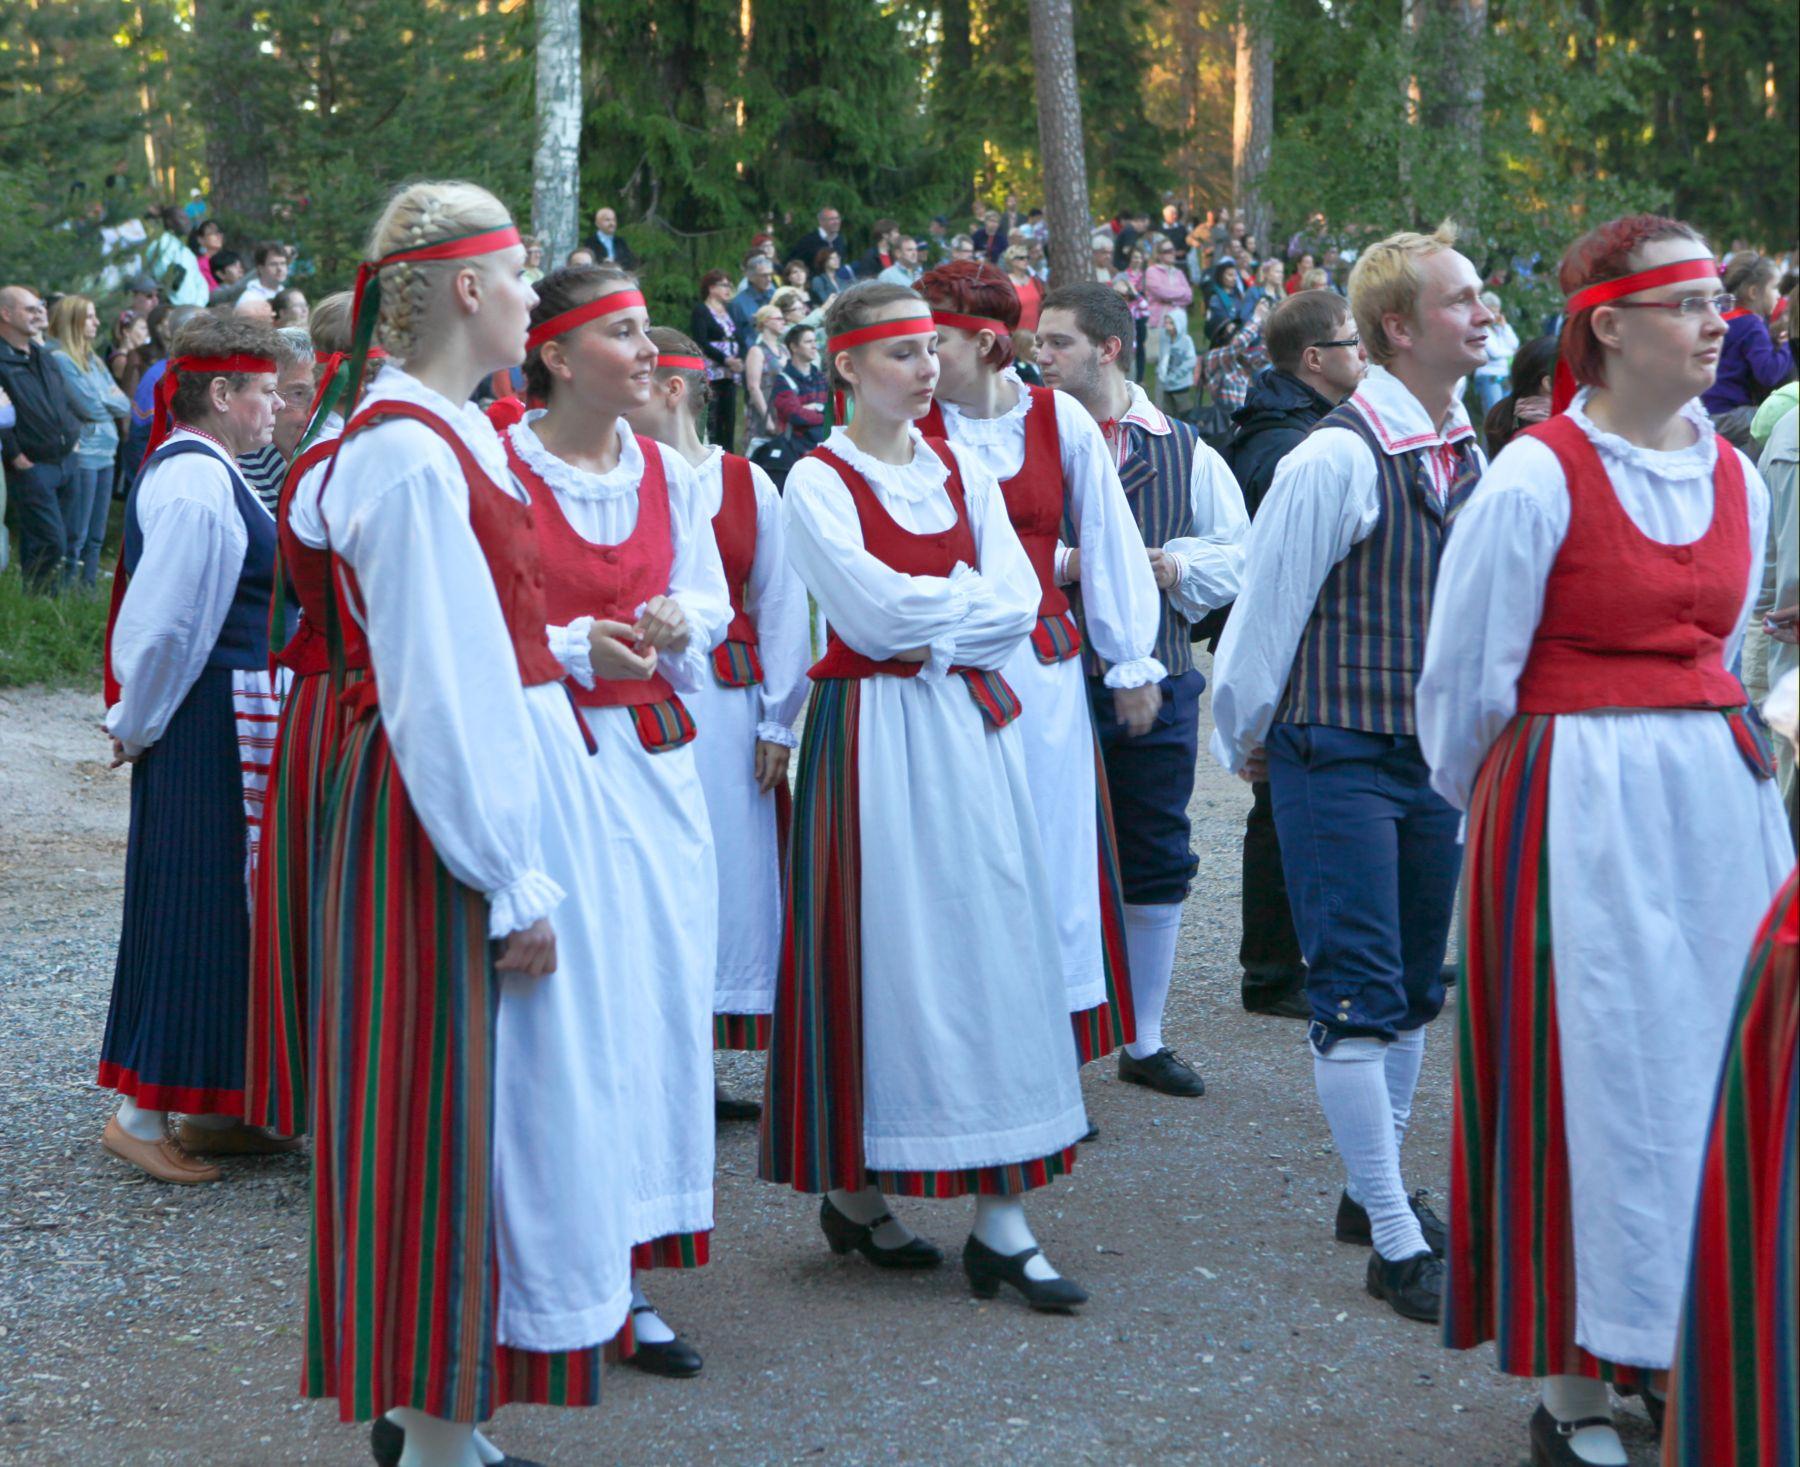 suomalaisia kansallispukuja